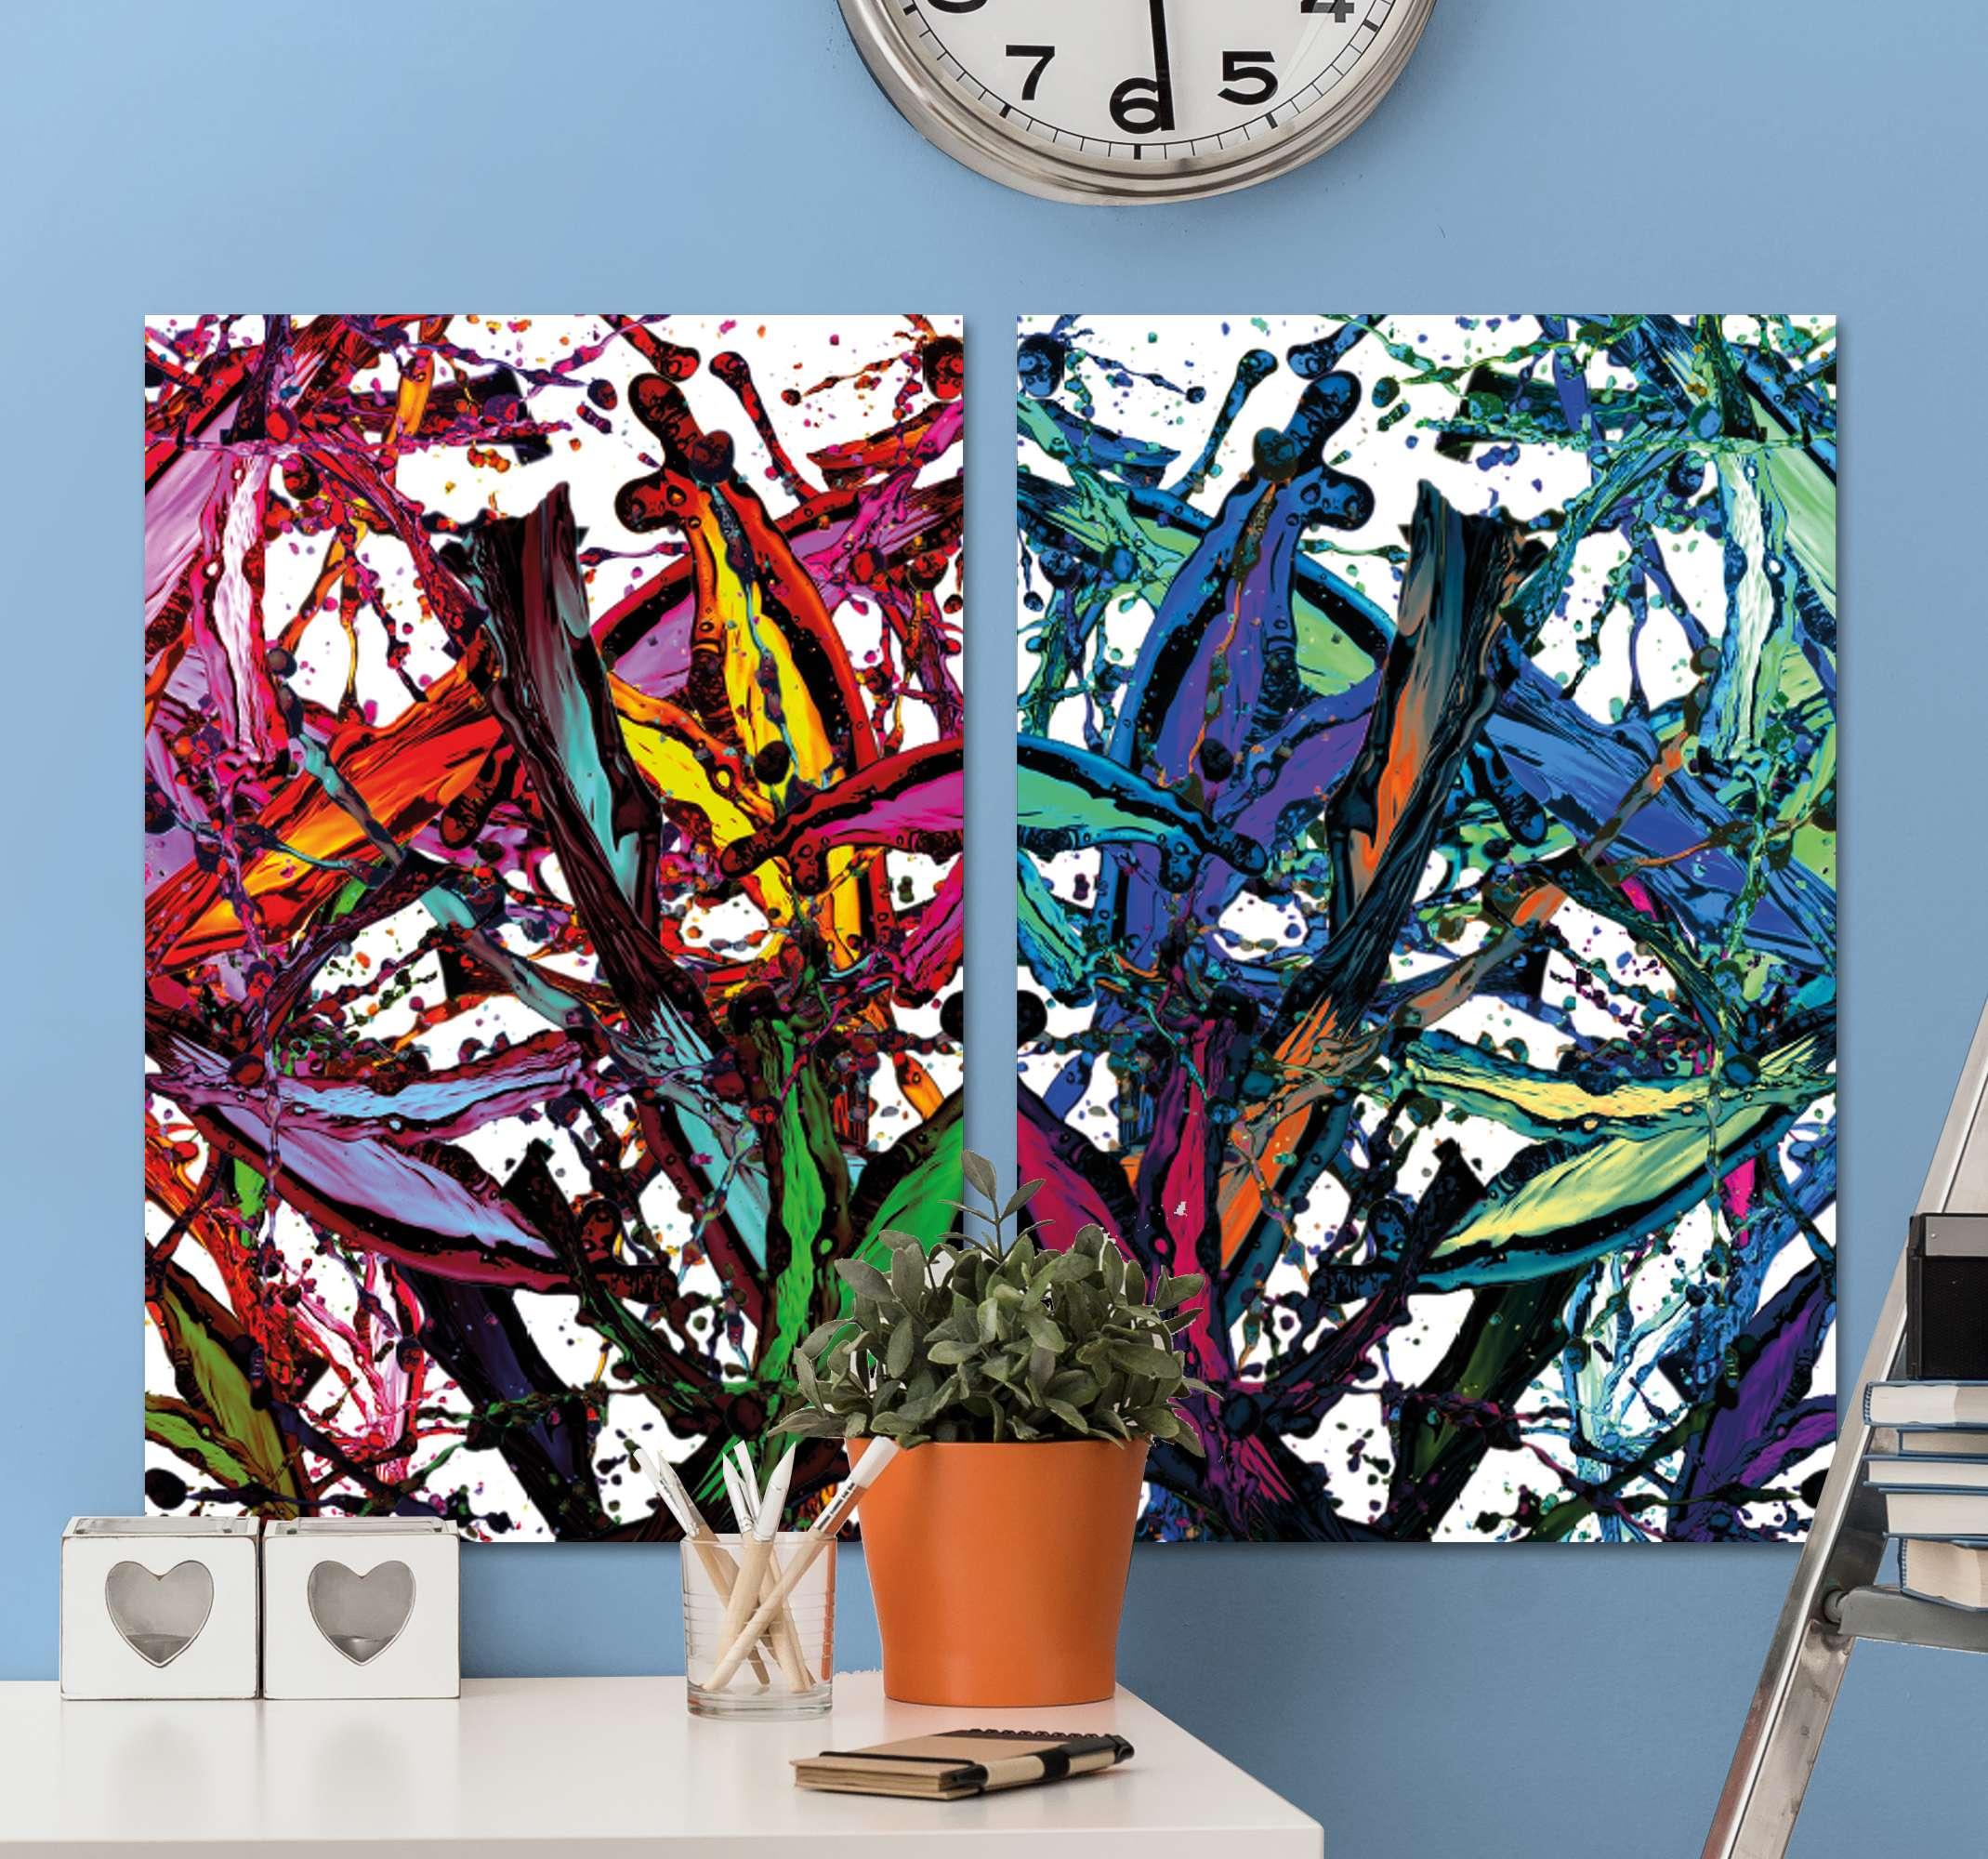 TenStickers. Manchas de pintura διάδρομος καμβά τοίχου. πολύχρωμη μοντέρνα αφηρημένη τέχνη τοίχου από καμβά που θα διακοσμήσει τέλεια το σπίτι σας. αν ψάχνετε για ένα ενδιαφέρον αξεσουάρ είναι φτιαγμένο για εσάς.